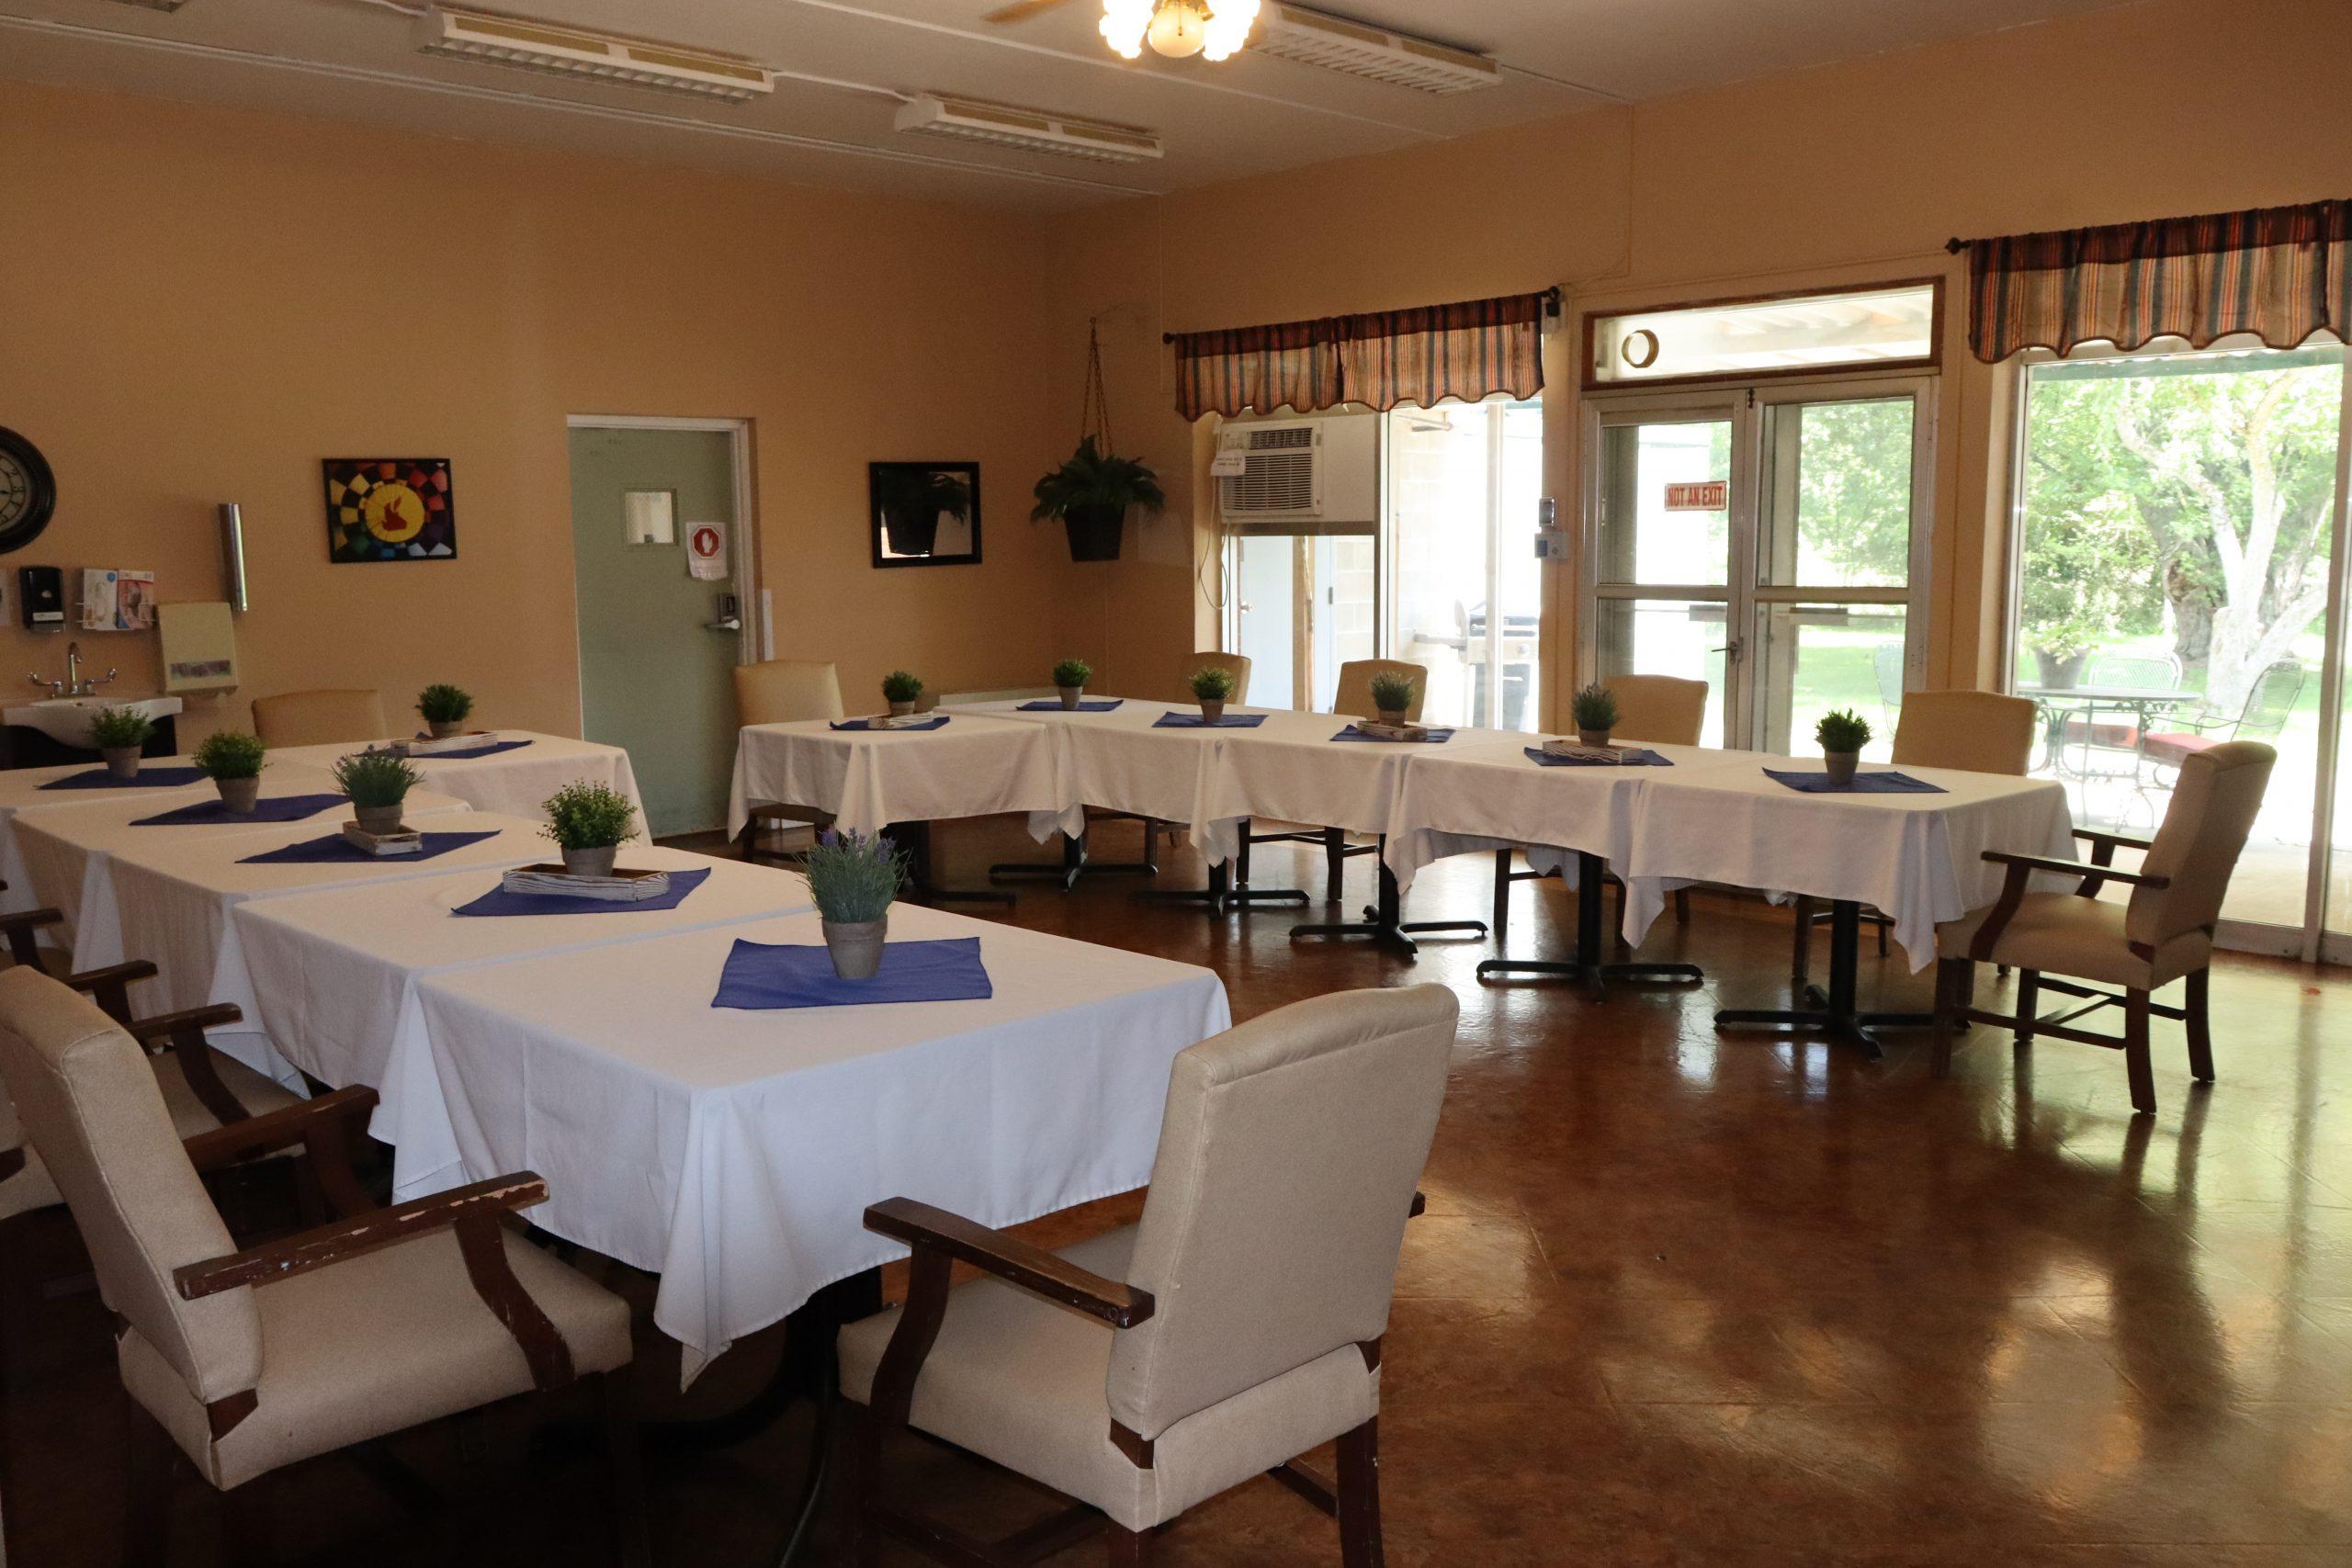 Renovation - Dining Room